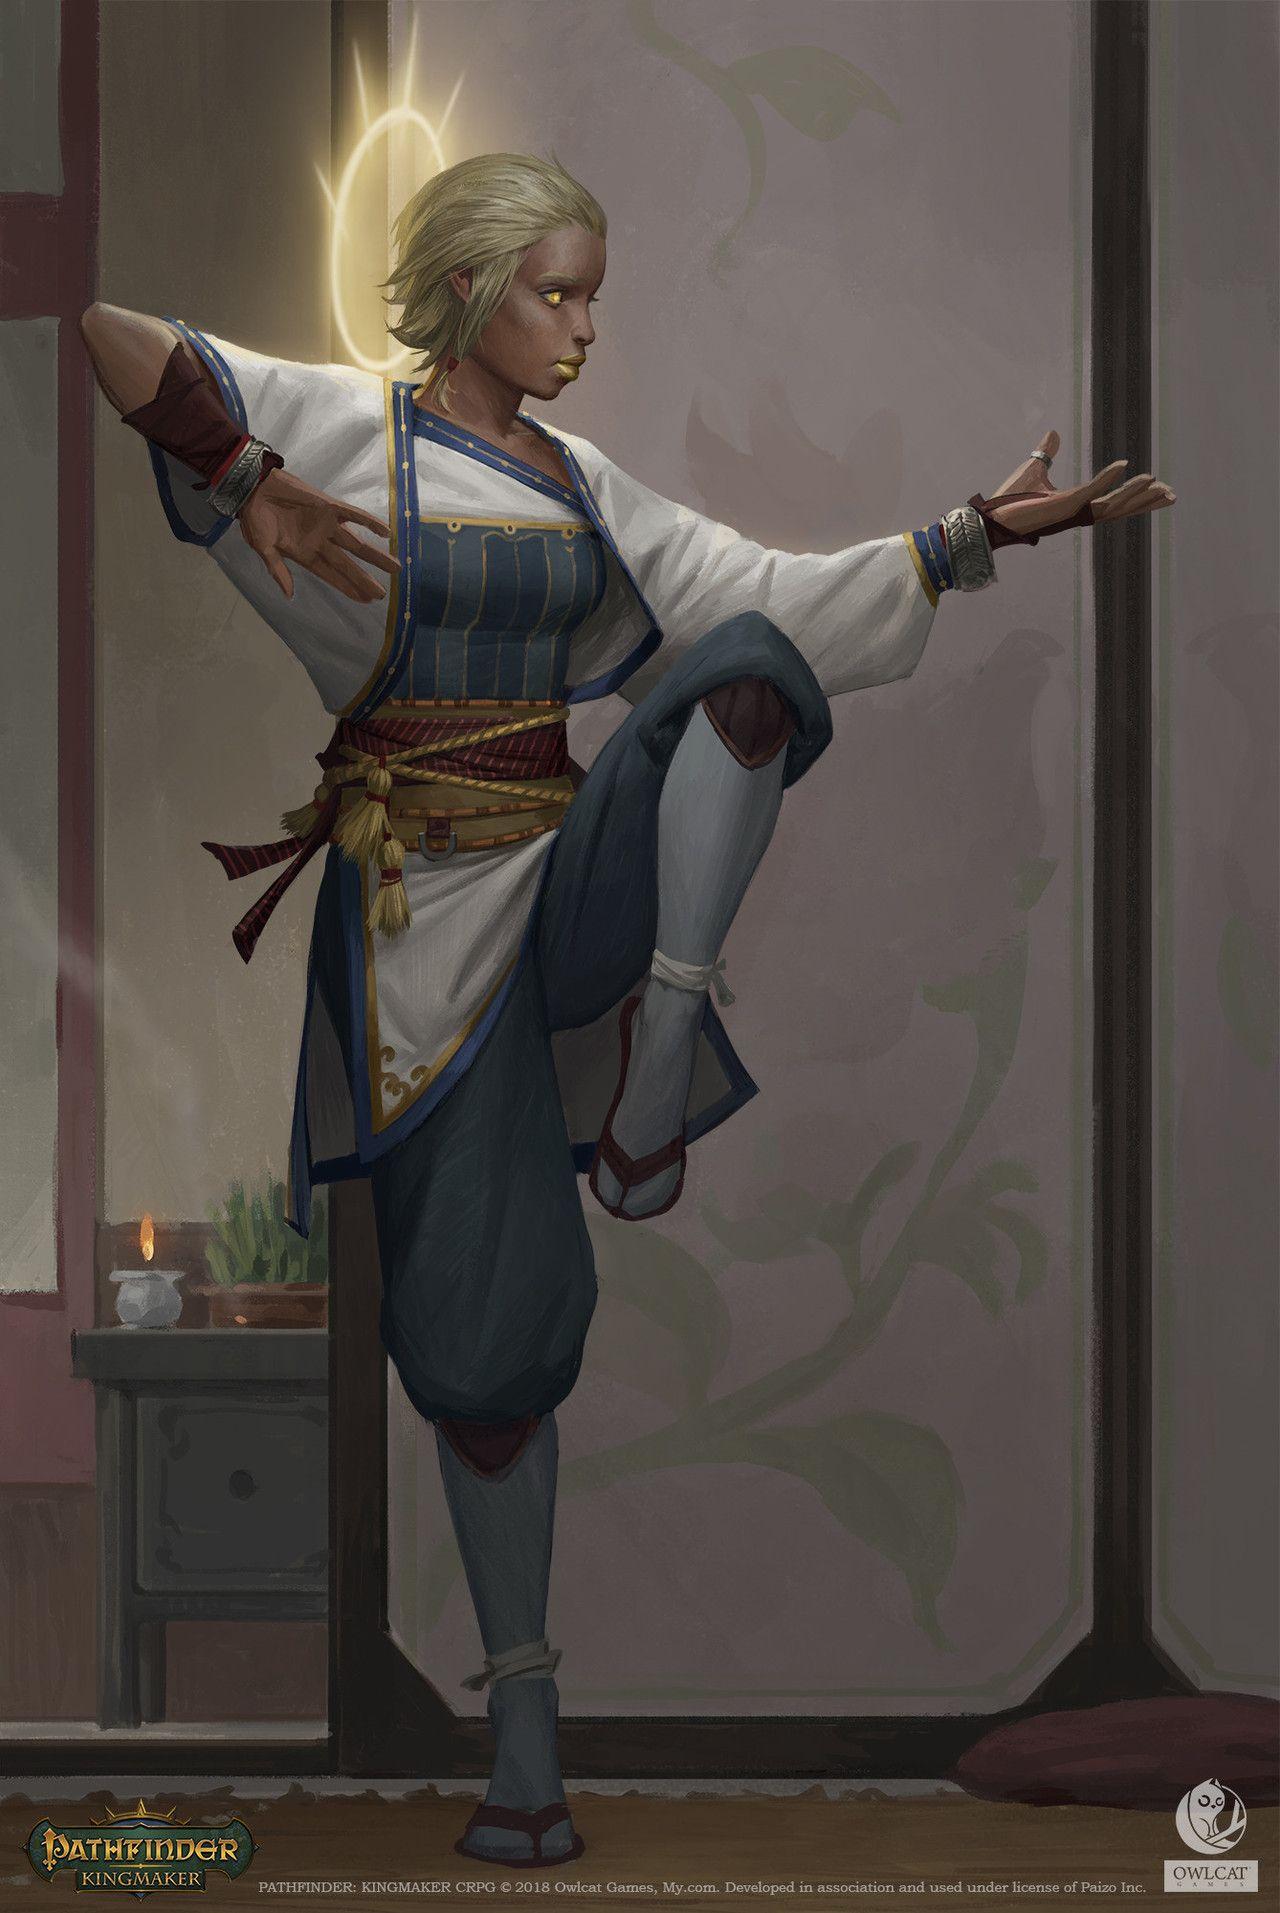 Pathfinder: Kingmaker - Aasimar Monk by Akim Kaliberda | Fantastic